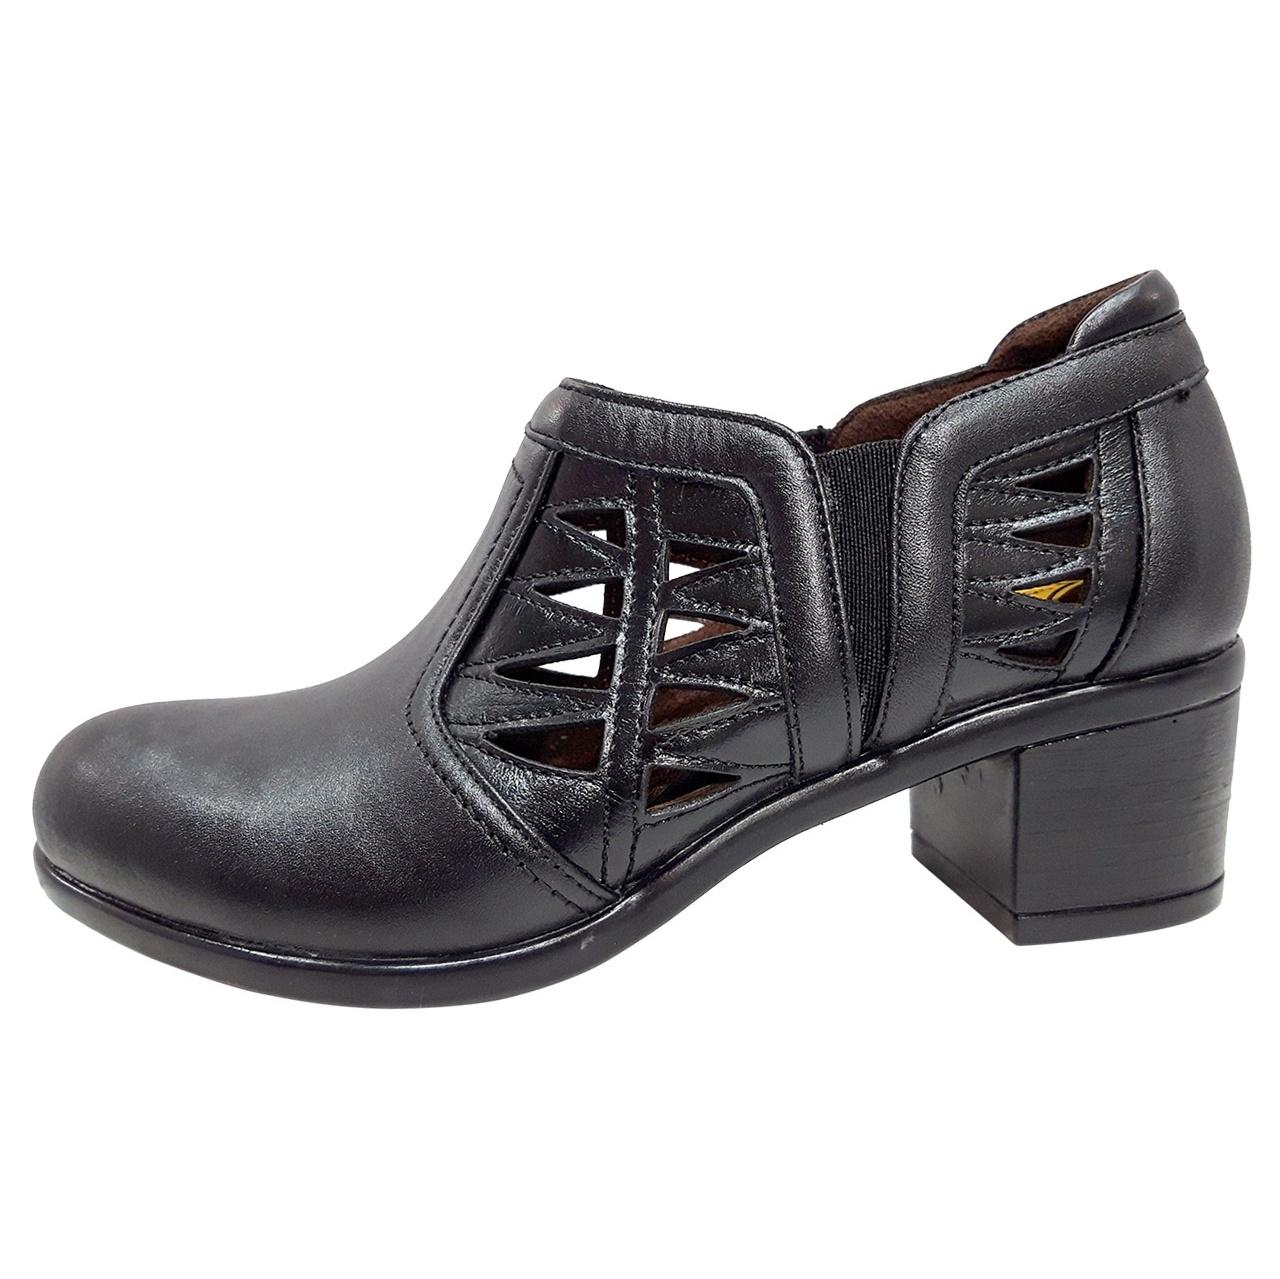 تصویر کفش طبی زنانه روشن مدل خانمی کد 01